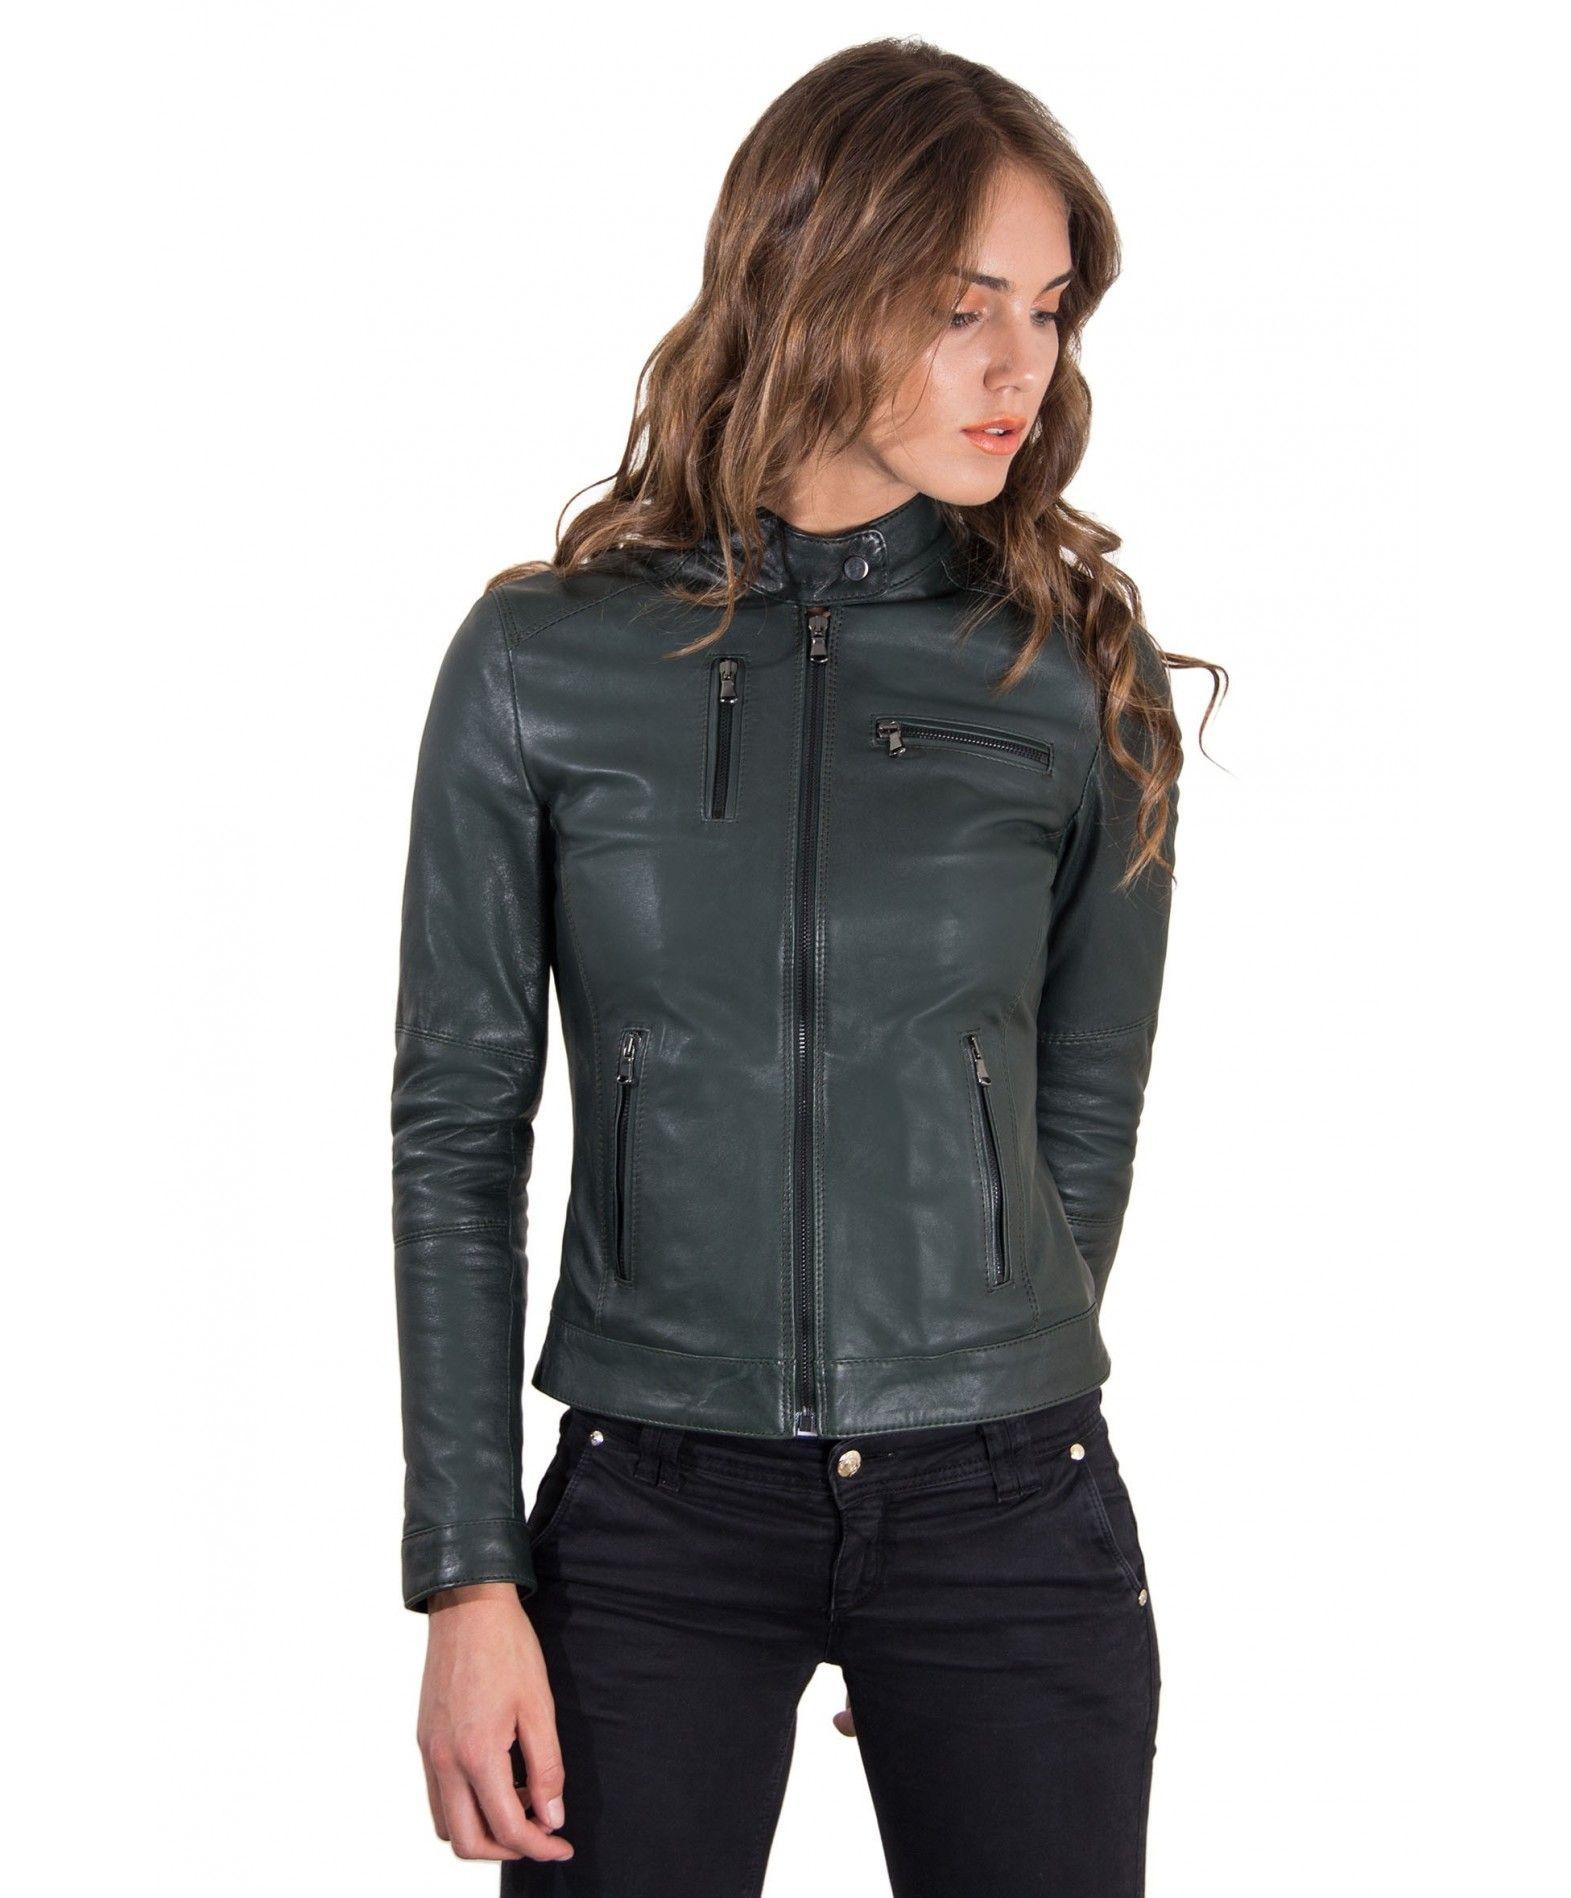 79def03f1d56e4 GIULIA • colore verde • giacca biker in pelle bogotà effetto vintage ...